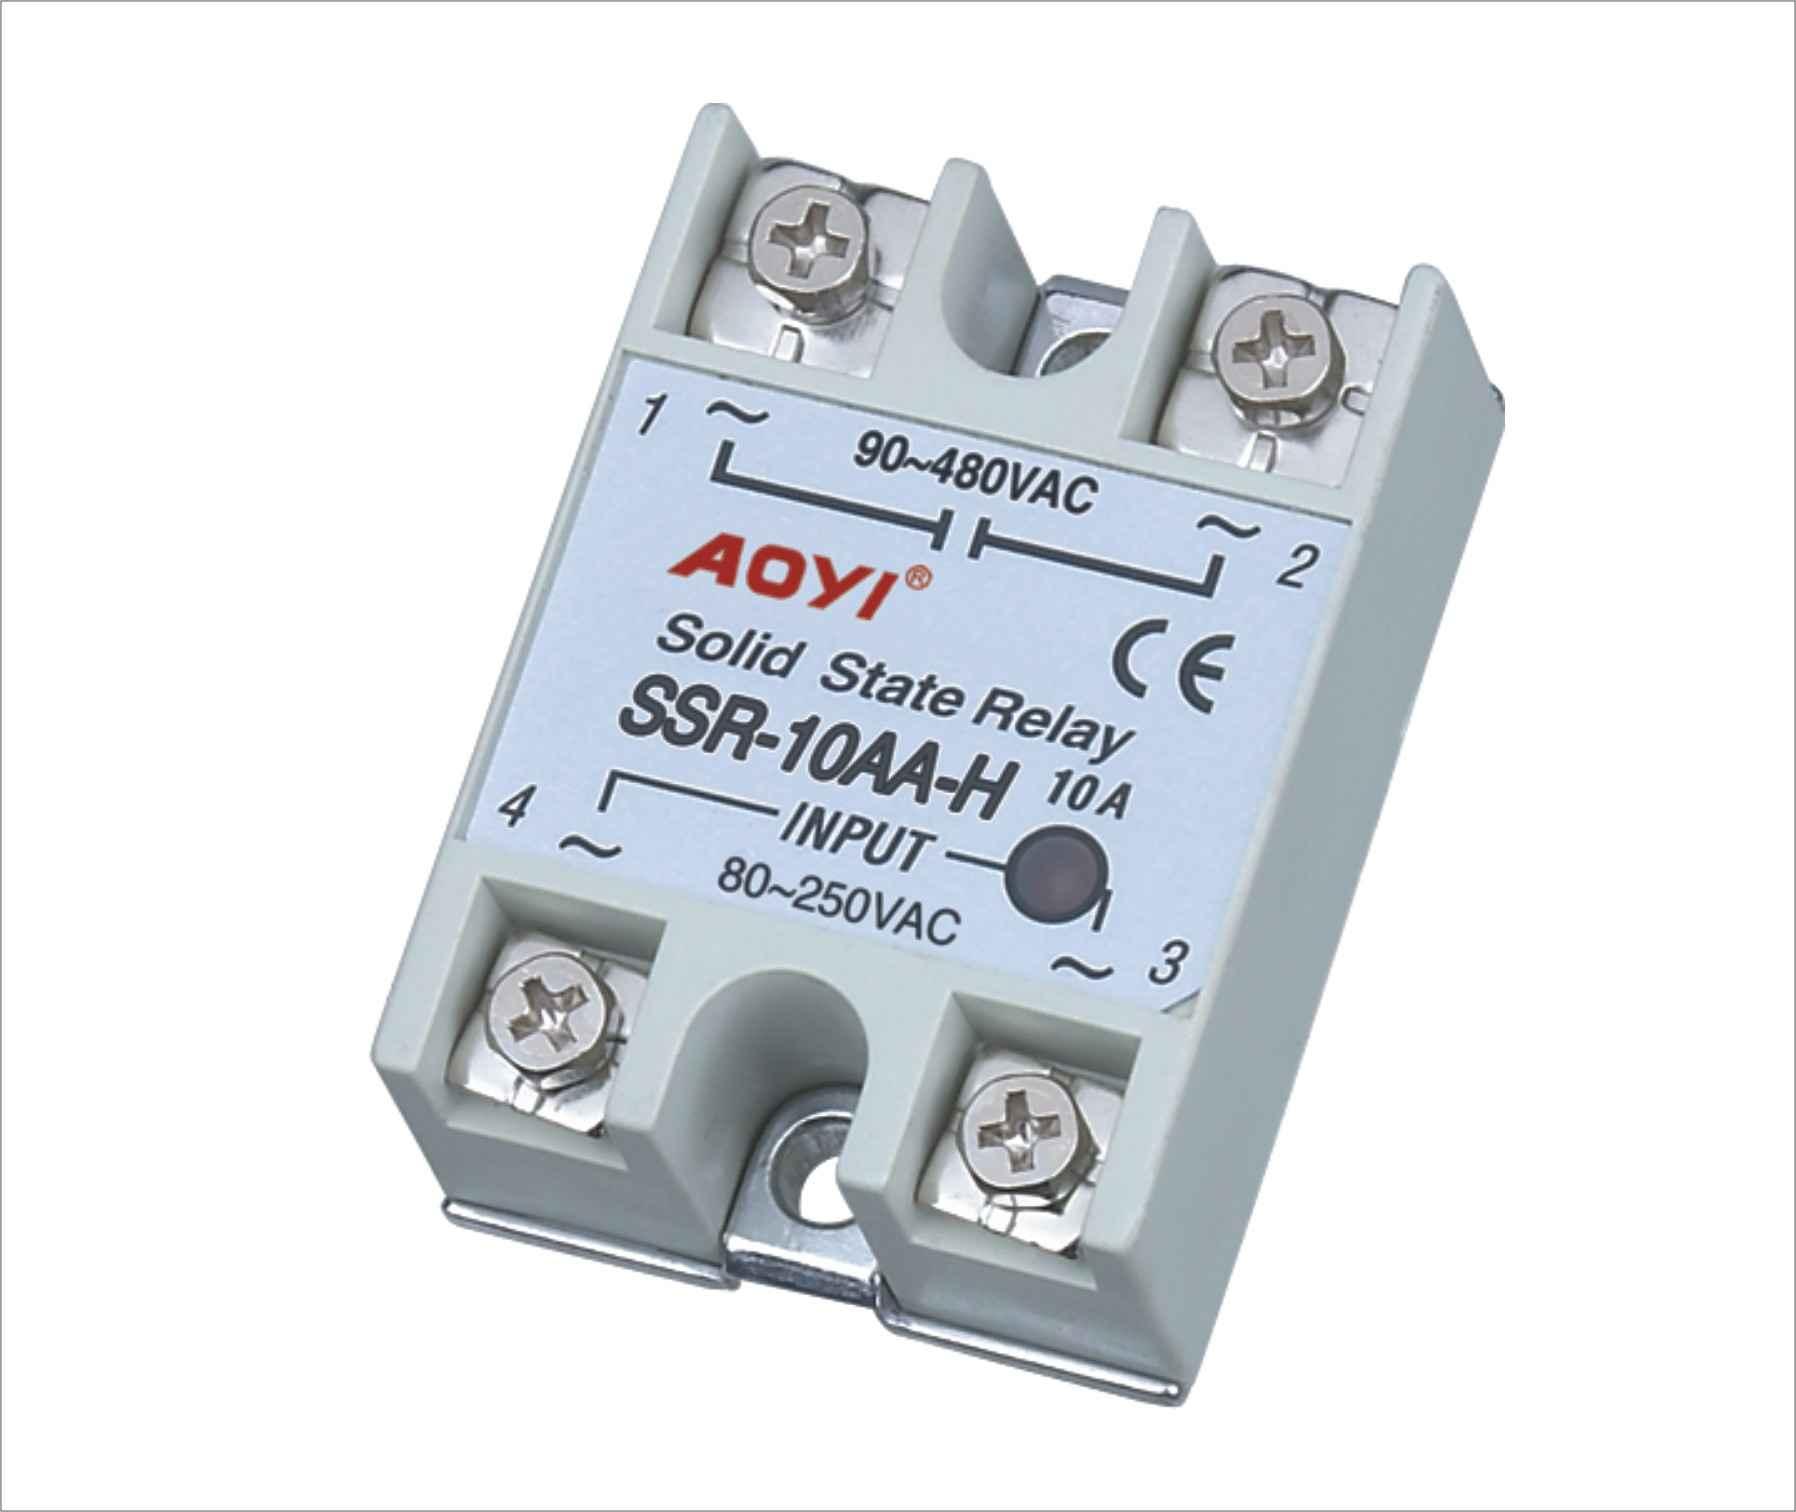 ssr单相固态继电器 - 固态继电器